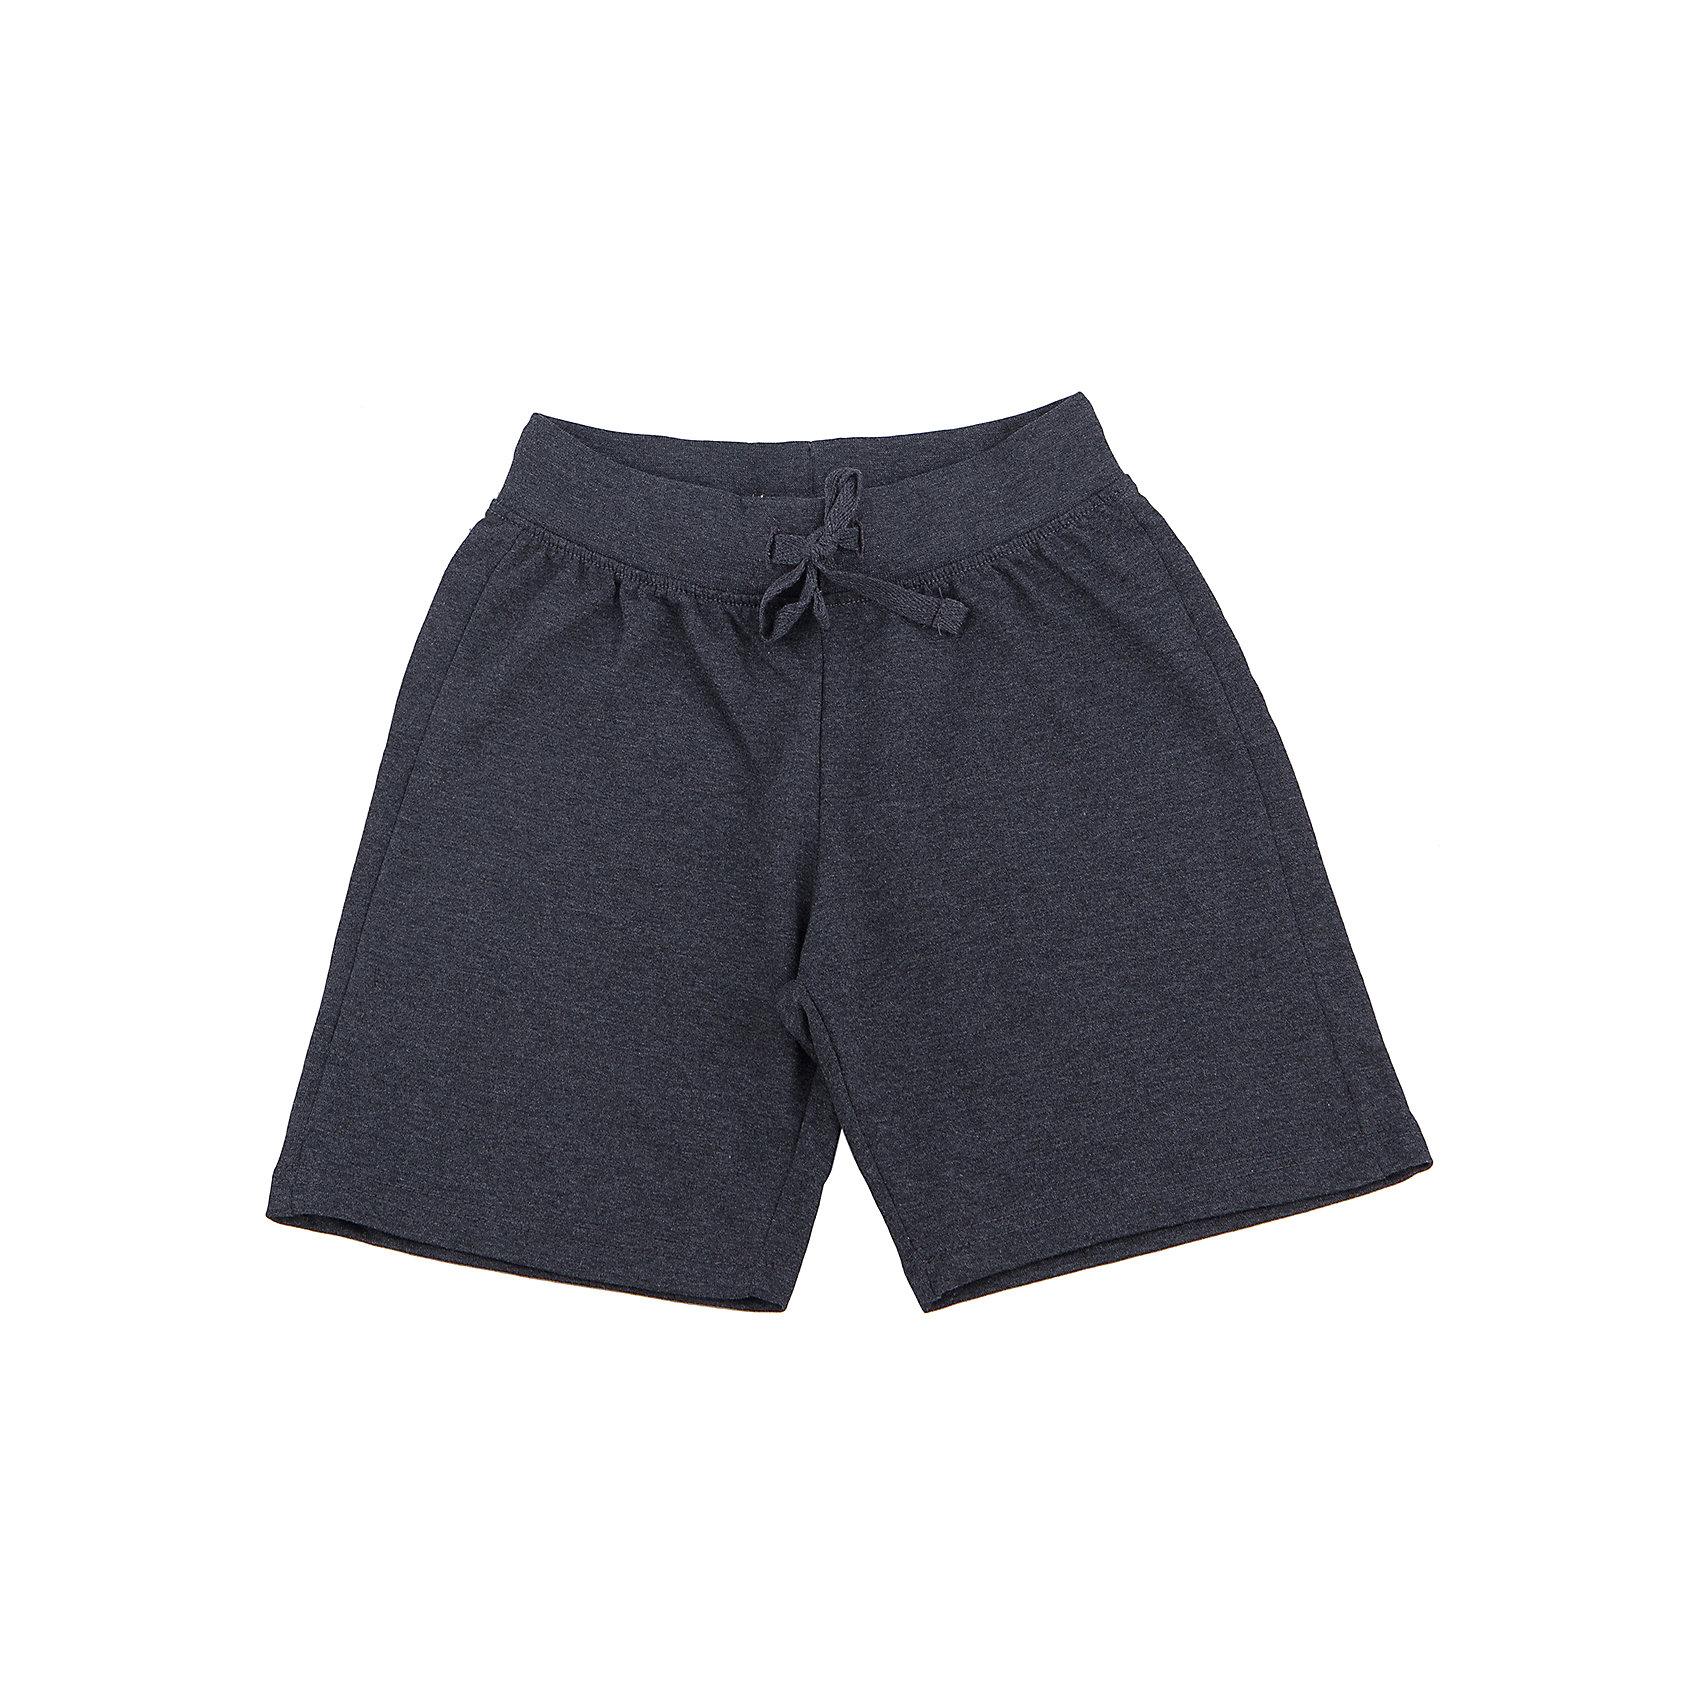 Шорты для мальчика SELAШорты, бриджи, капри<br>Спортивные шорты - незаменимая вещь в детском гардеробе. Эта модель отлично сидит на ребенке, она сшита из приятного на ощупь материала, натуральный хлопок не вызывает аллергии и обеспечивает ребенку комфорт. Модель станет отличной базовой вещью, которая будет уместна в различных сочетаниях.<br>Одежда от бренда Sela (Села) - это качество по приемлемым ценам. Многие российские родители уже оценили преимущества продукции этой компании и всё чаще приобретают одежду и аксессуары Sela.<br><br>Дополнительная информация:<br><br>цвет: черный;<br>материал: 80 % хлопок, 20% ПЭ;<br>плотный материал;<br>шнурок и резинка в поясе.<br><br>Шорты для мальчика от бренда Sela можно купить в нашем интернет-магазине.<br><br>Ширина мм: 191<br>Глубина мм: 10<br>Высота мм: 175<br>Вес г: 273<br>Цвет: черный<br>Возраст от месяцев: 132<br>Возраст до месяцев: 144<br>Пол: Мужской<br>Возраст: Детский<br>Размер: 152,134,140,146,116,122,128<br>SKU: 4944165